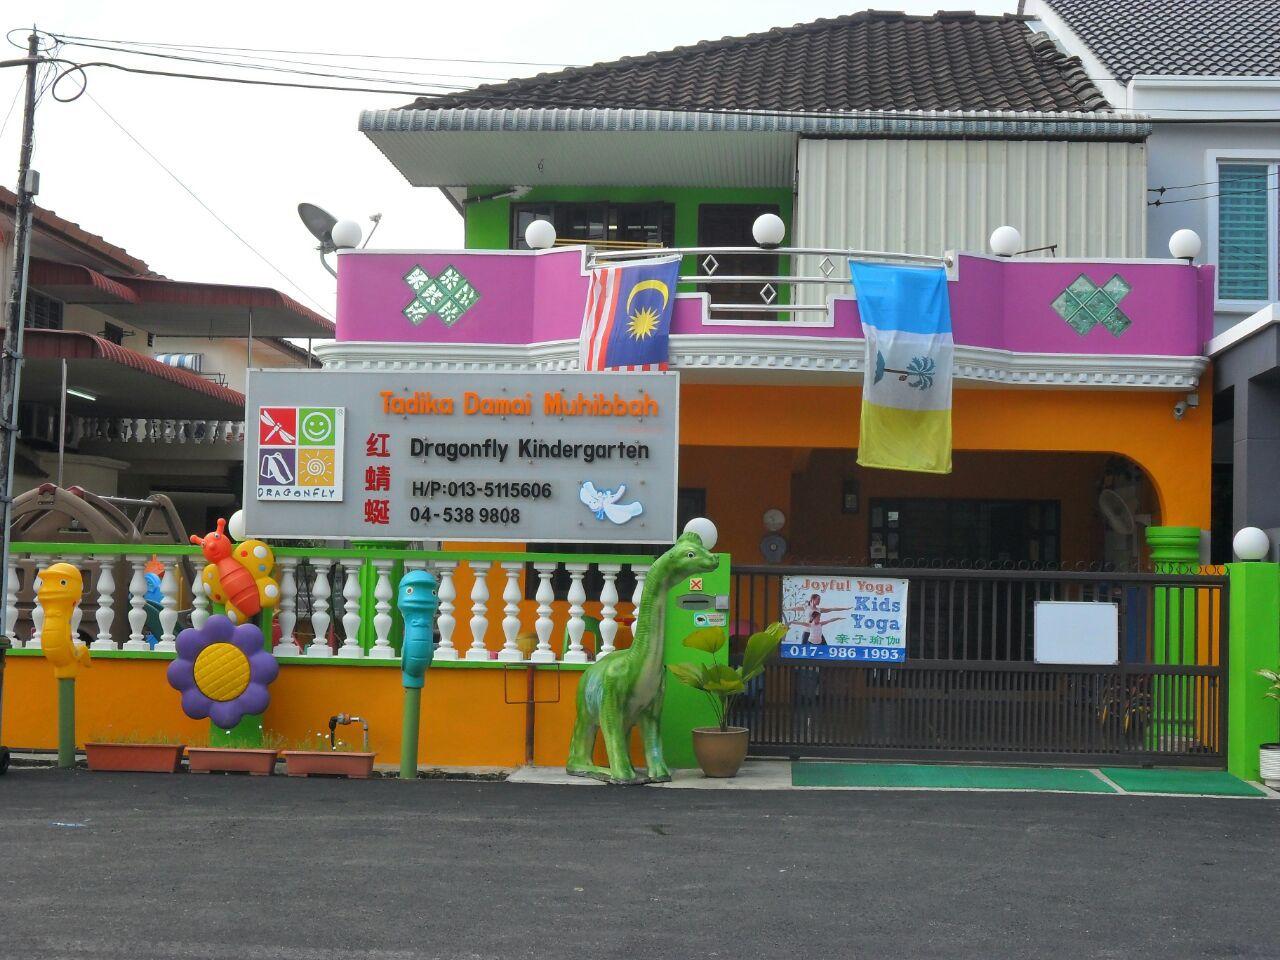 Dragonfly KiddyLand  KAMPUNG BARU, PENANG